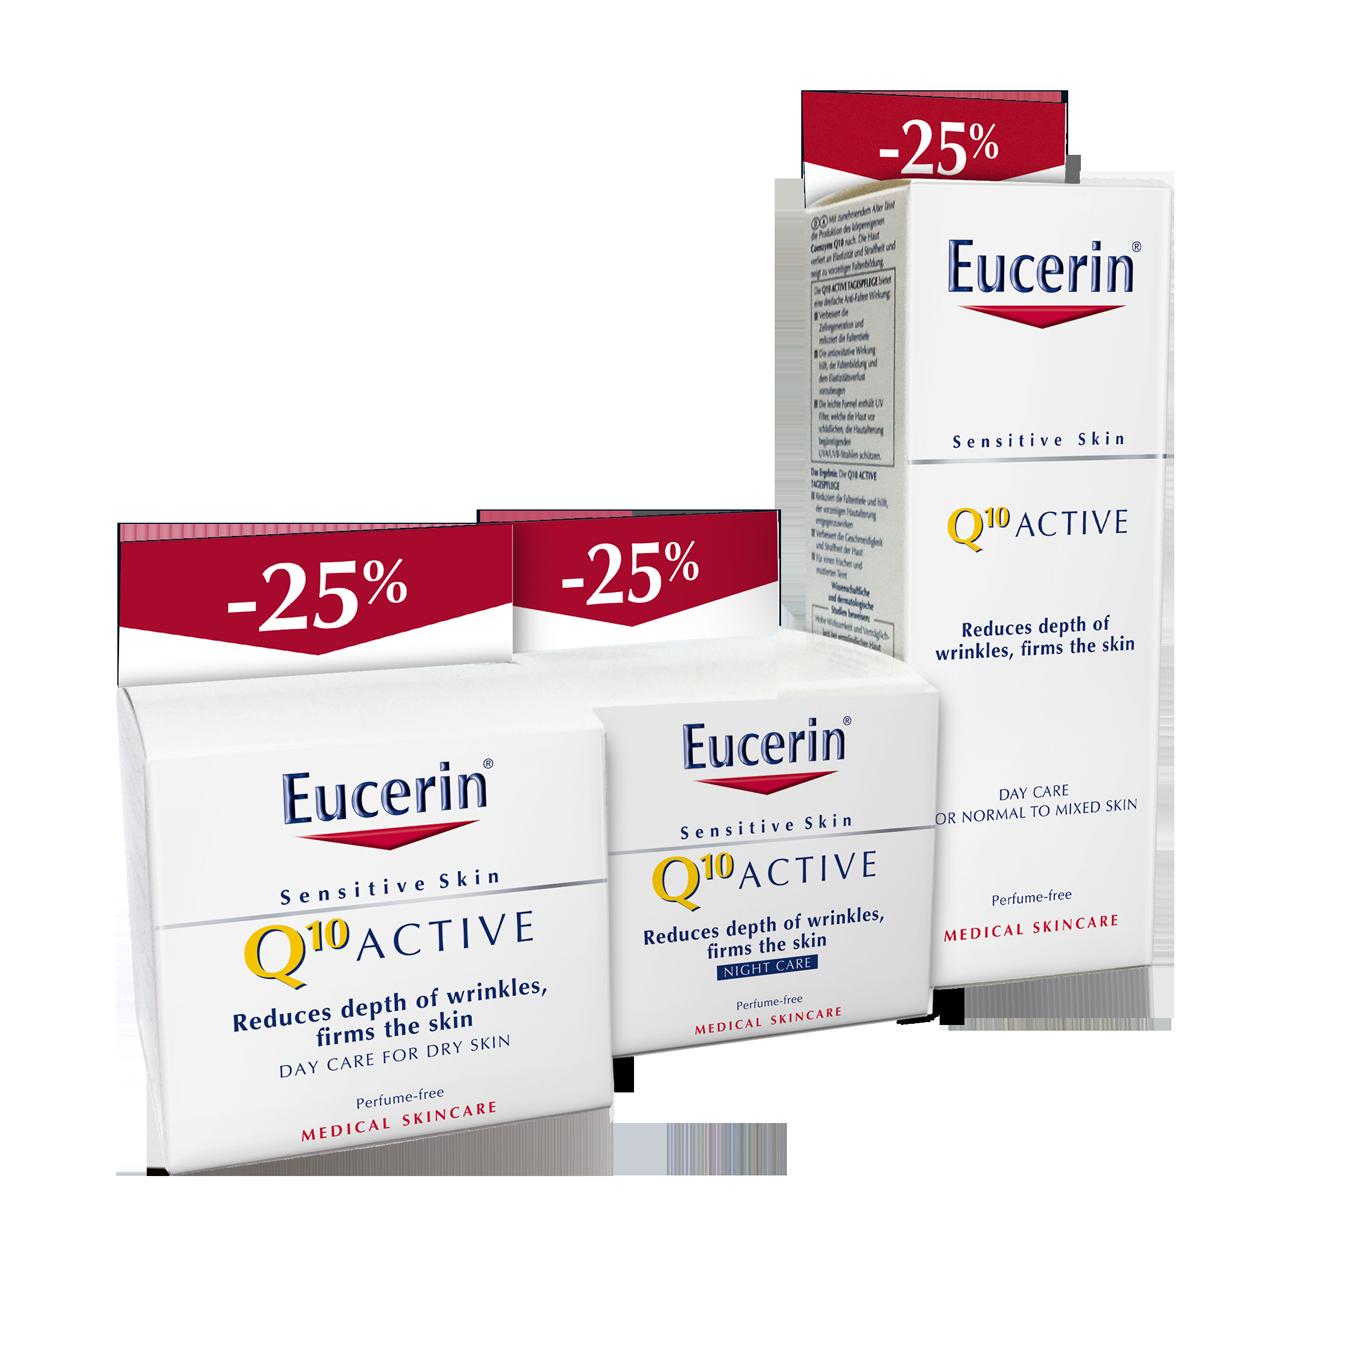 Eucerin: Energija i revitalizacija koja je potrebna vašoj koži